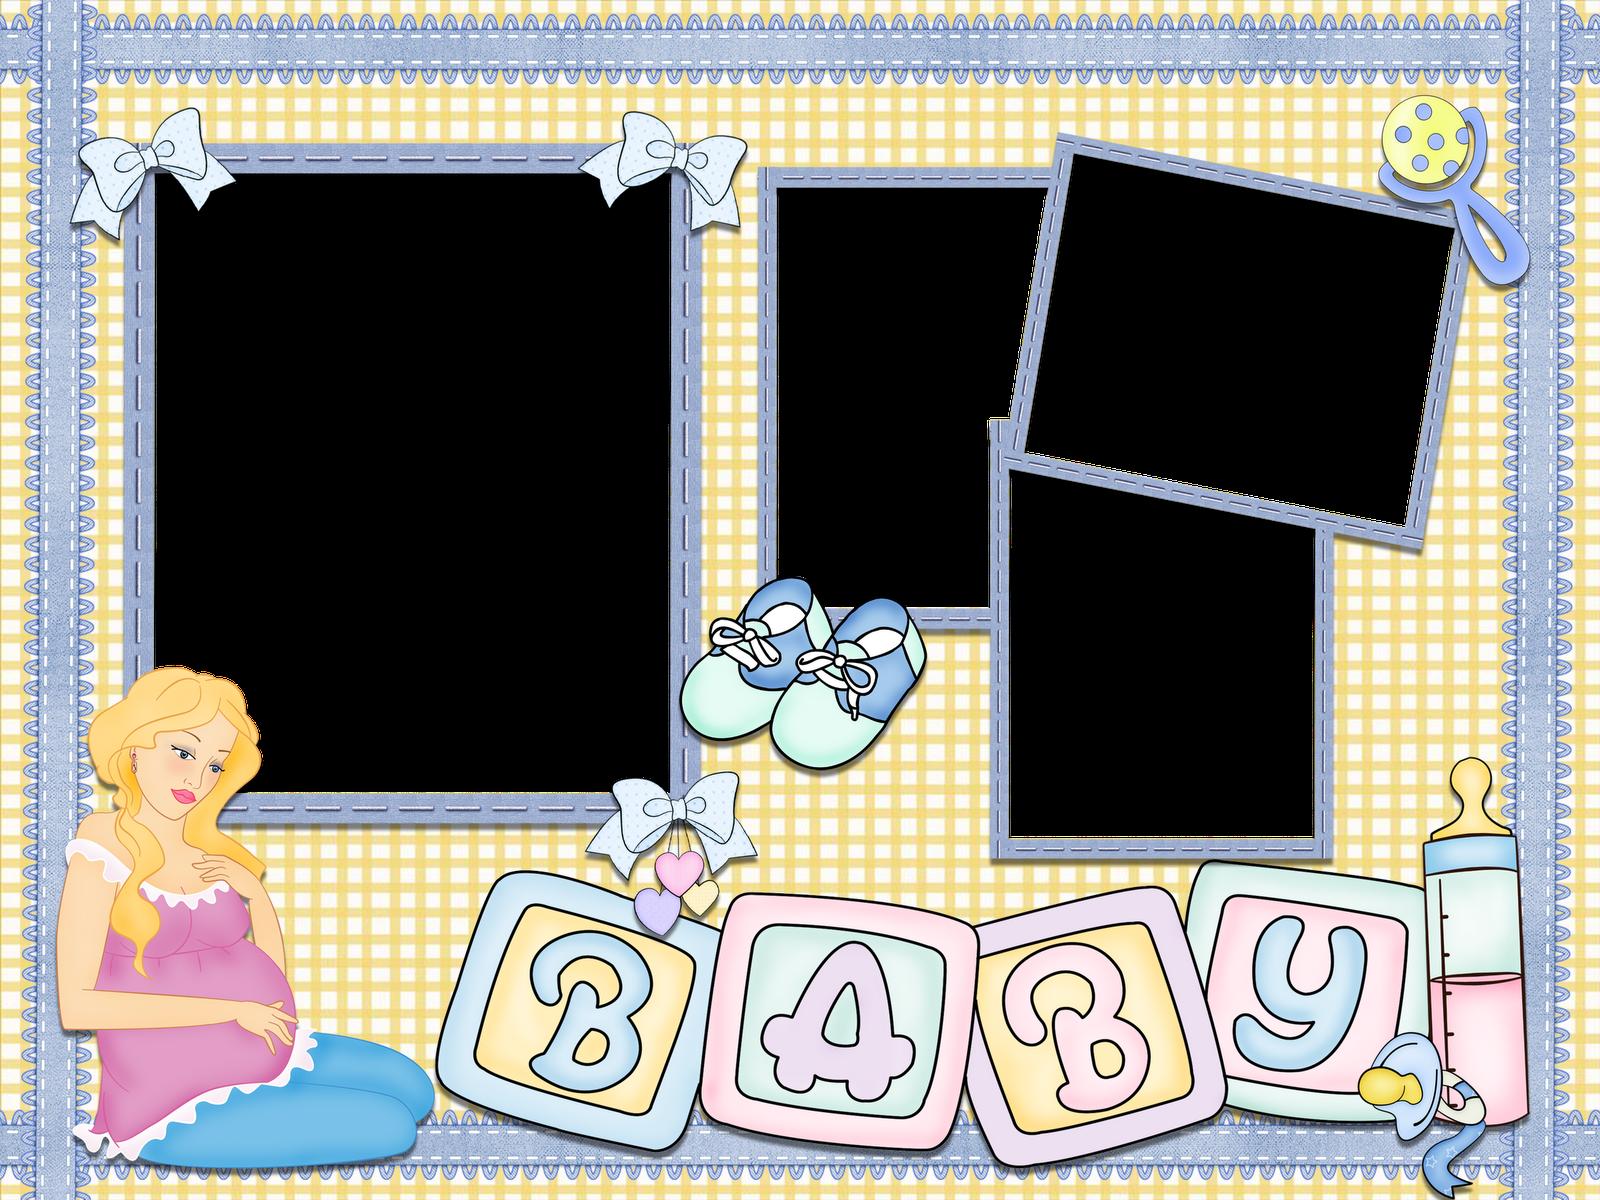 El rinc n de andre to hermosos marcos para fotos de bebes - Marcos sencillos para fotos ...